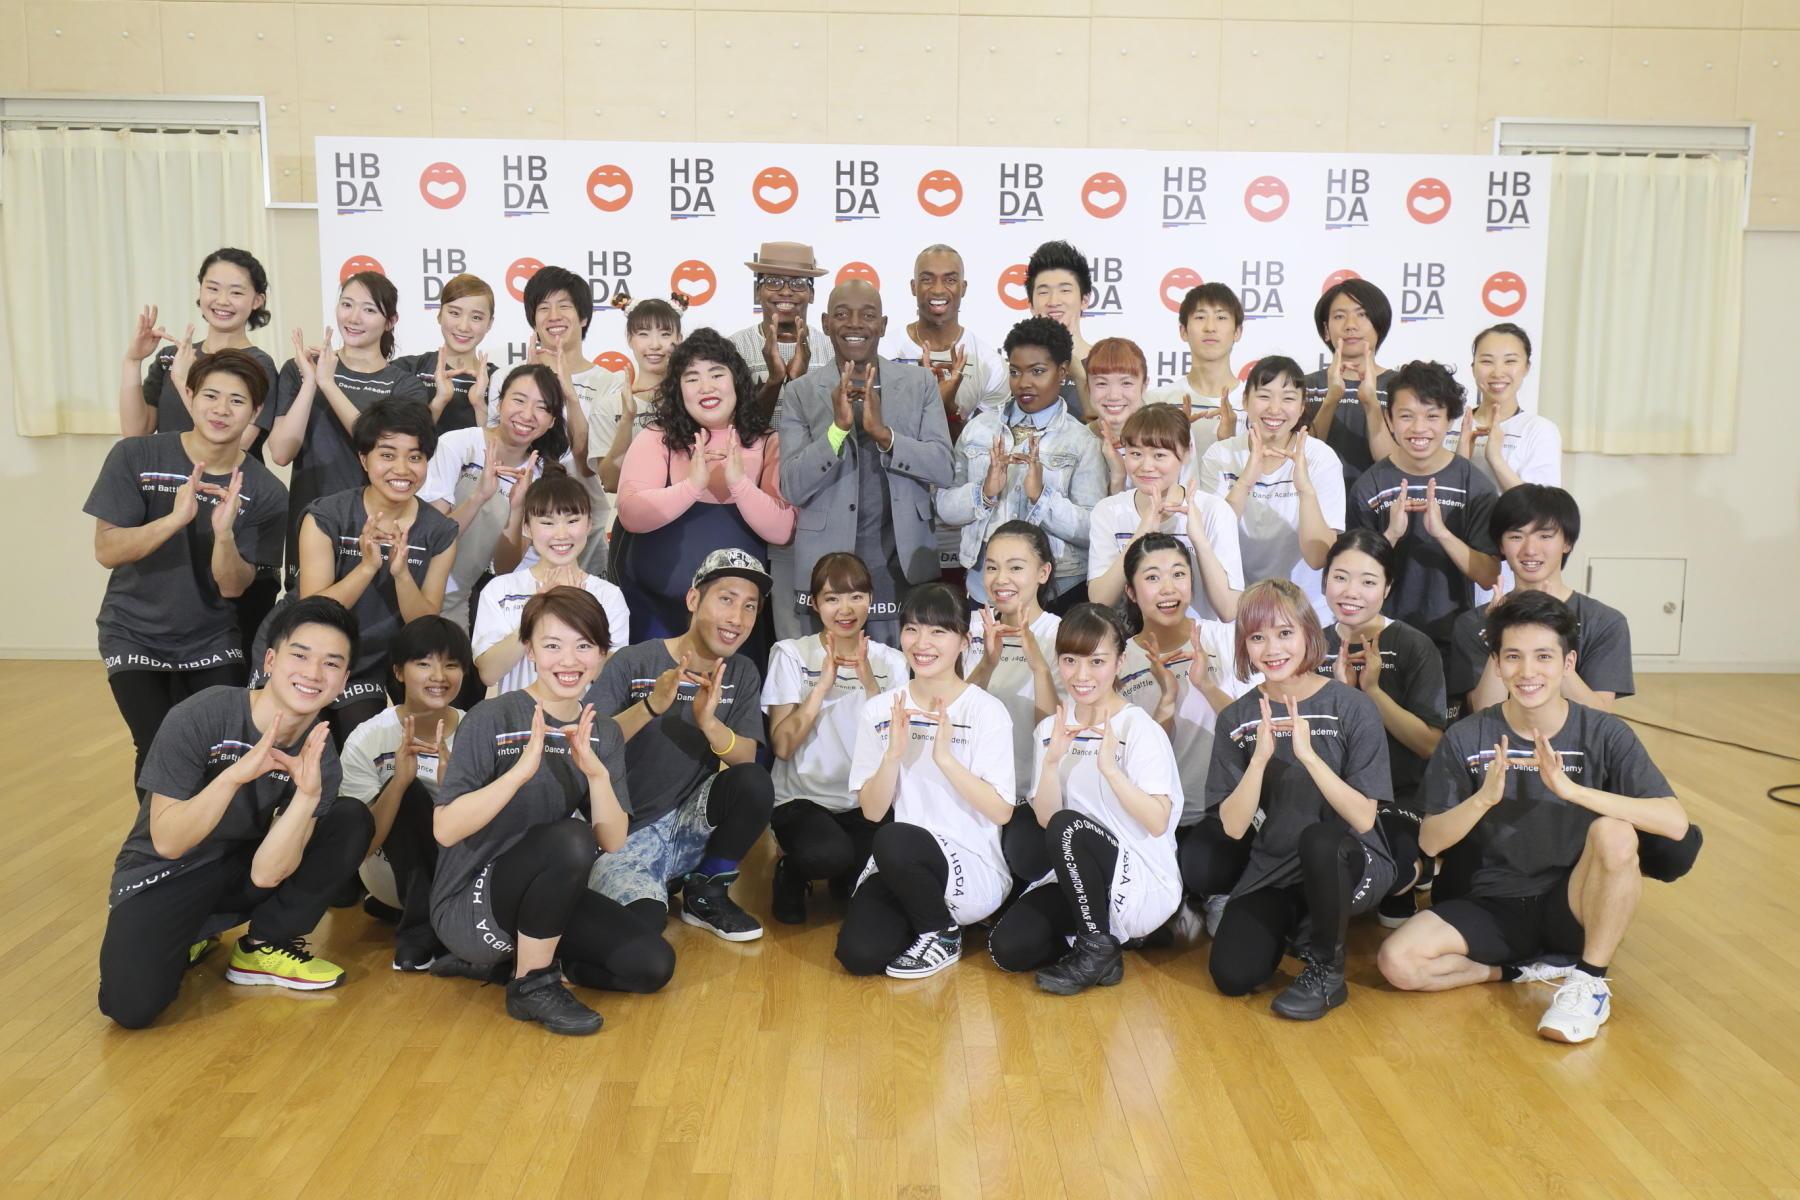 http://news.yoshimoto.co.jp/20170411182959-1a94d9a5c8e9a40d42e0c218641c5102158d8559.jpg